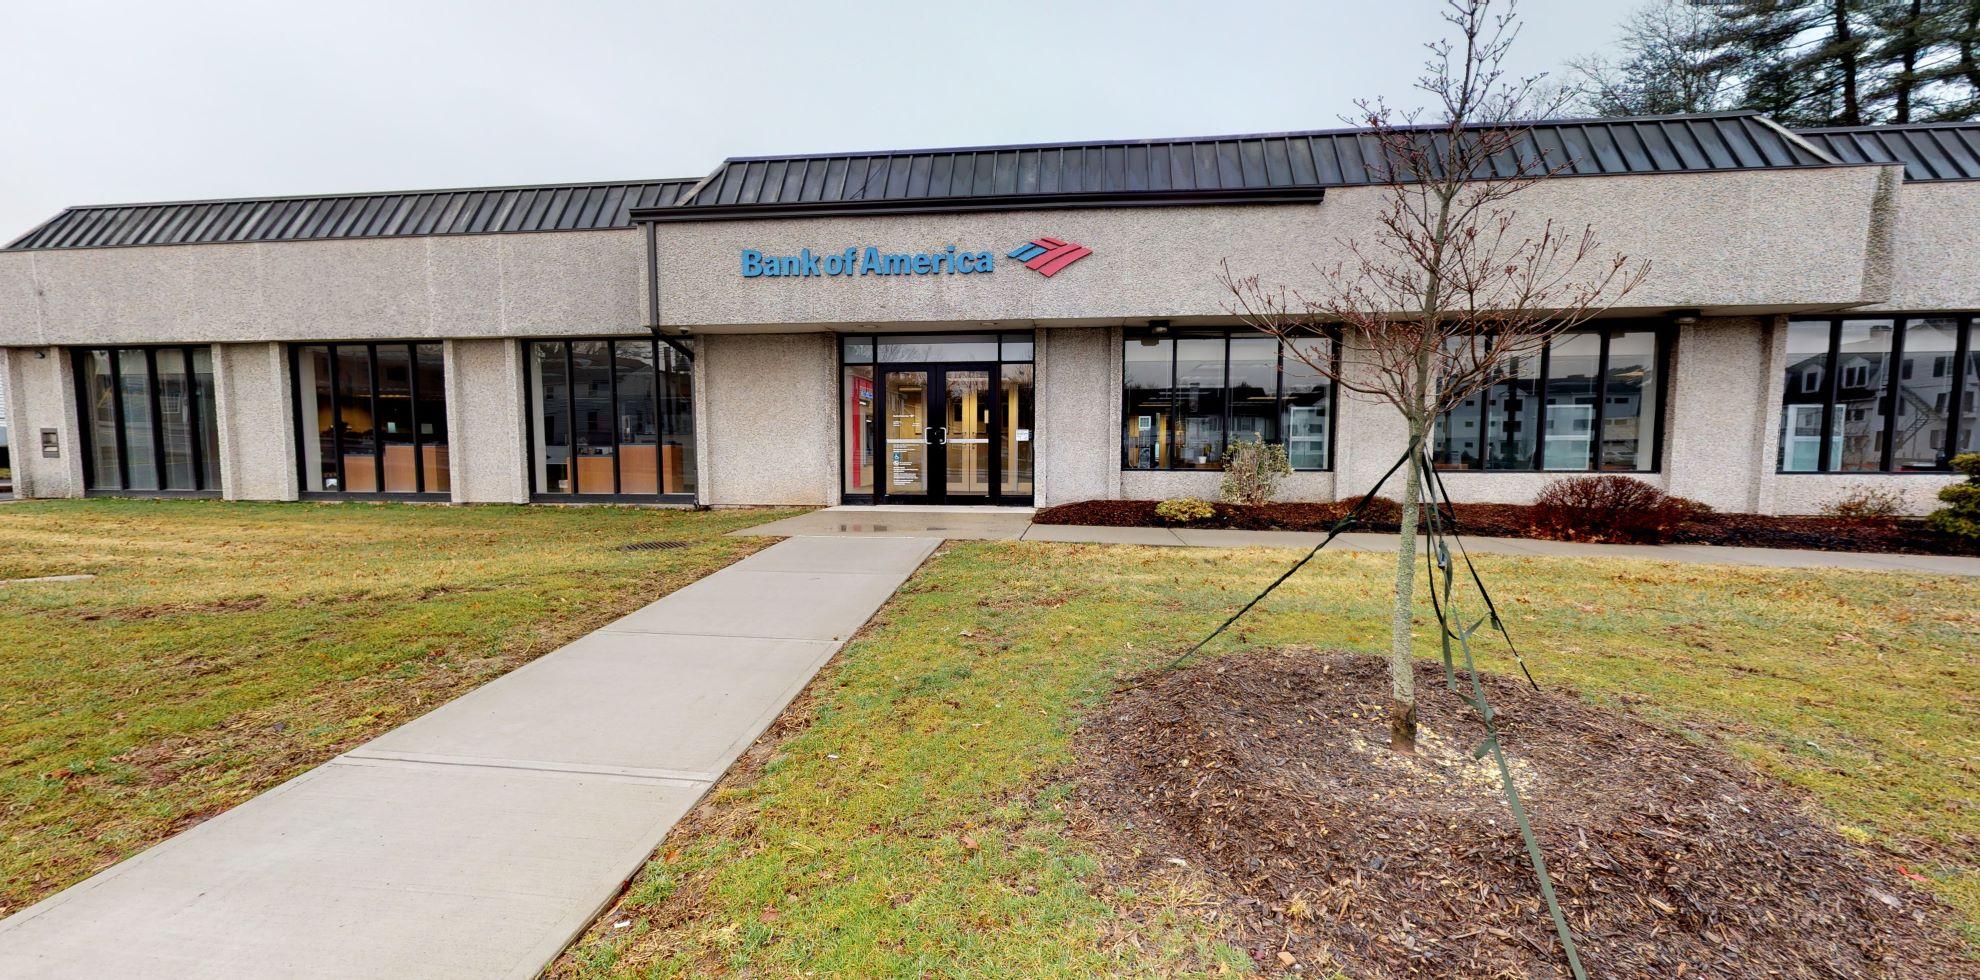 Bank of America financial center with drive-thru ATM | 781 Farmington Ave, Farmington, CT 06032